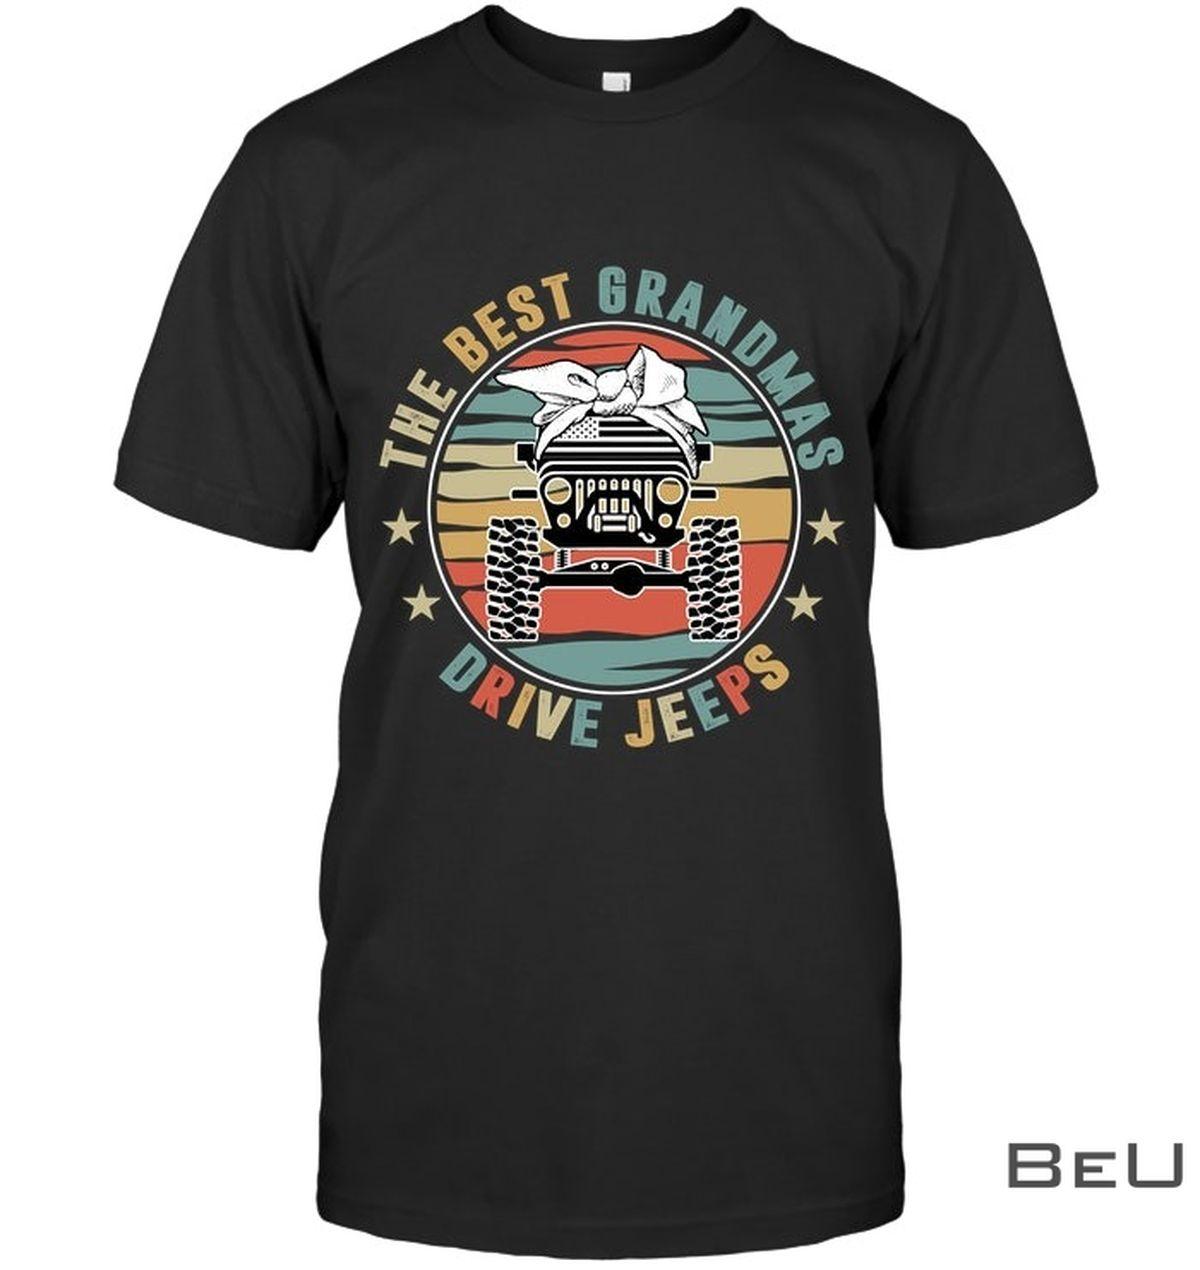 The Best Grandma Drive Jeeps Shirt